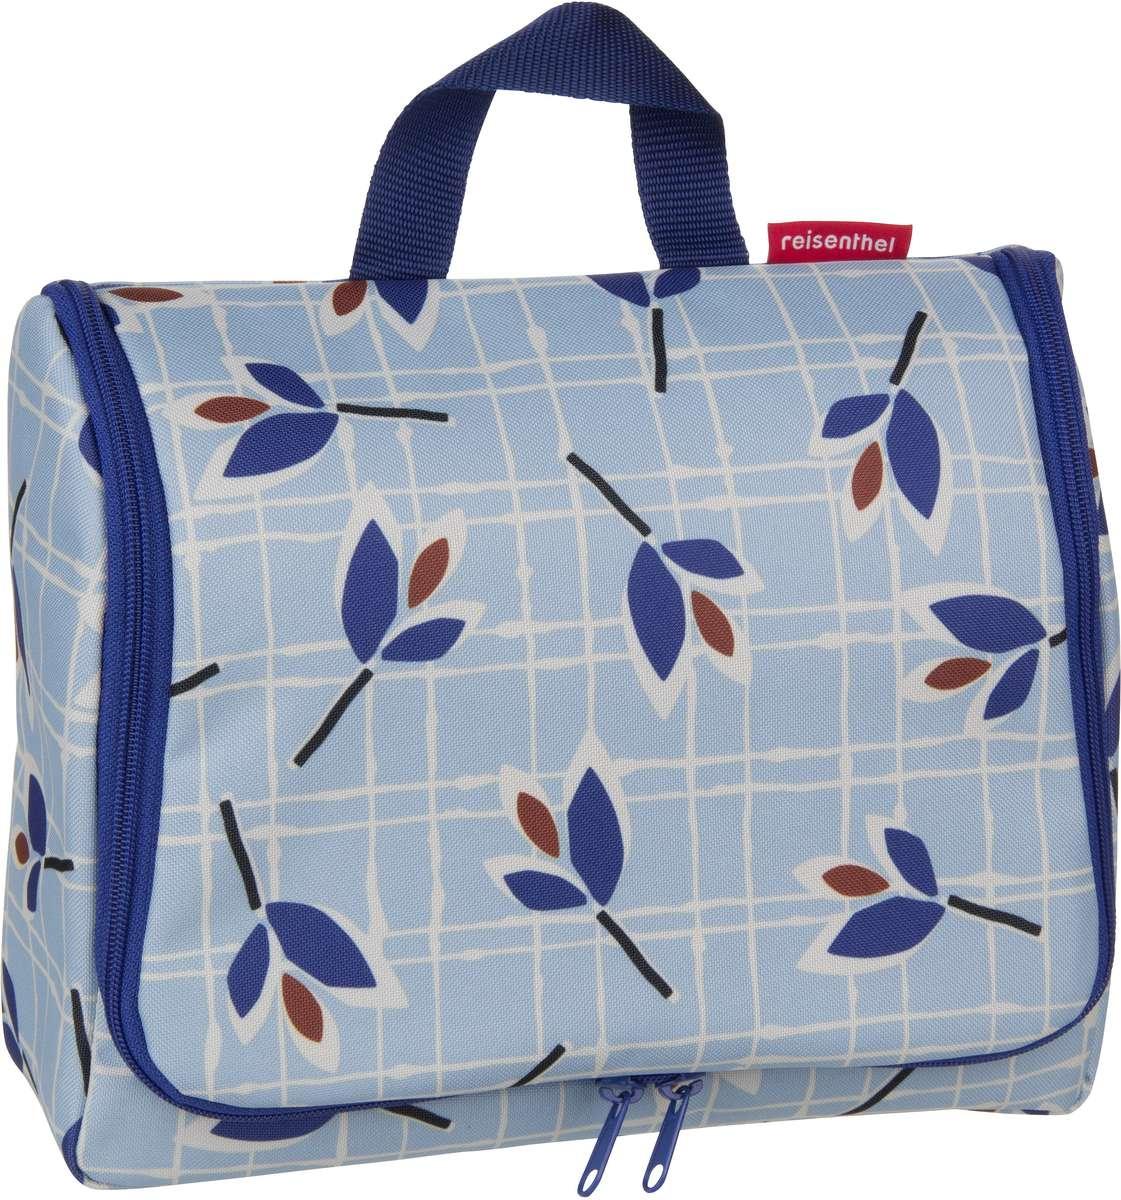 Reisegepaeck für Frauen - reisenthel Kulturbeutel Beauty Case toiletbag XL Leaves Blue (4 Liter)  - Onlineshop Taschenkaufhaus